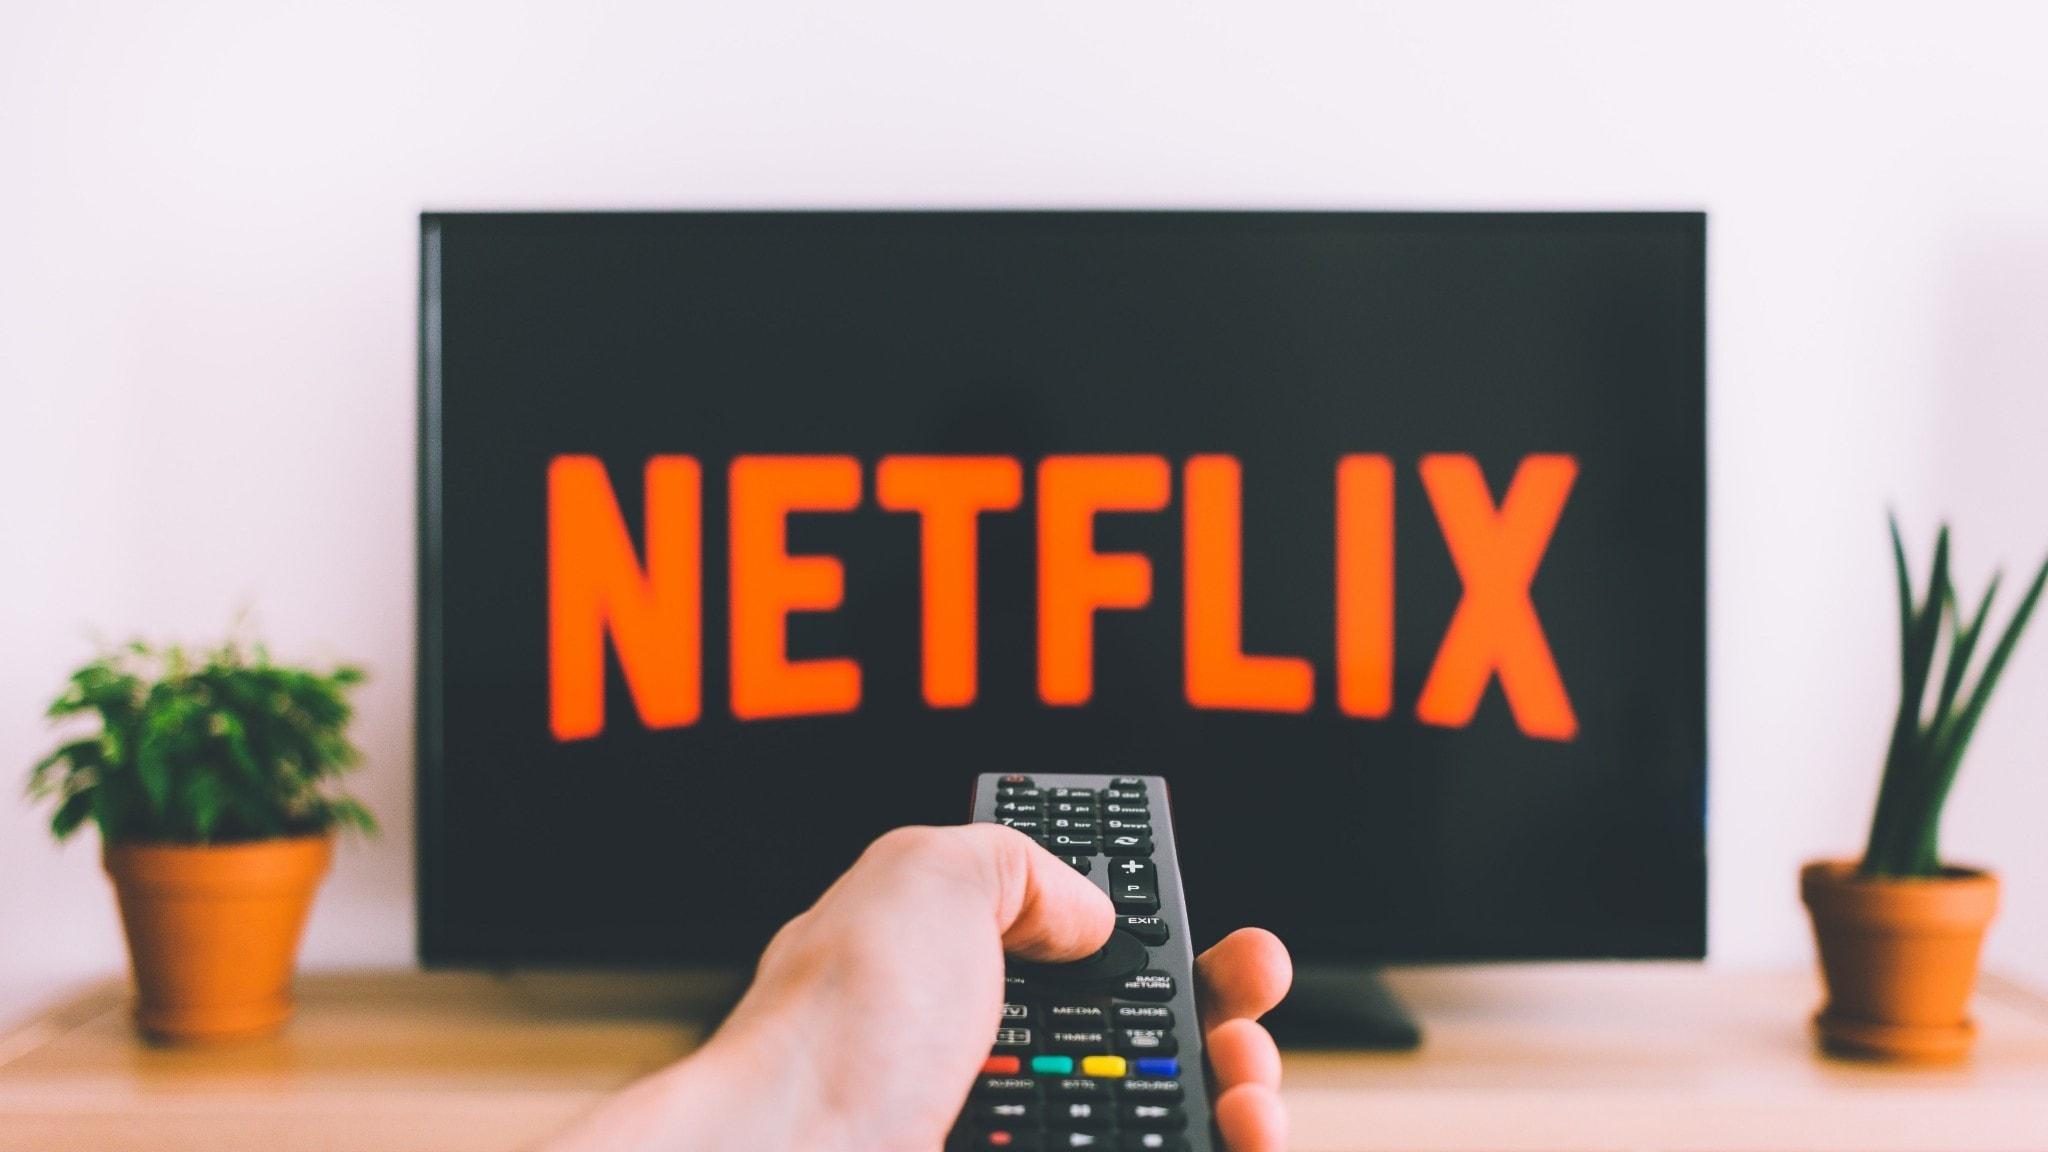 Hand håller fjärrkontroll mot skärm som visar Netflix logga.